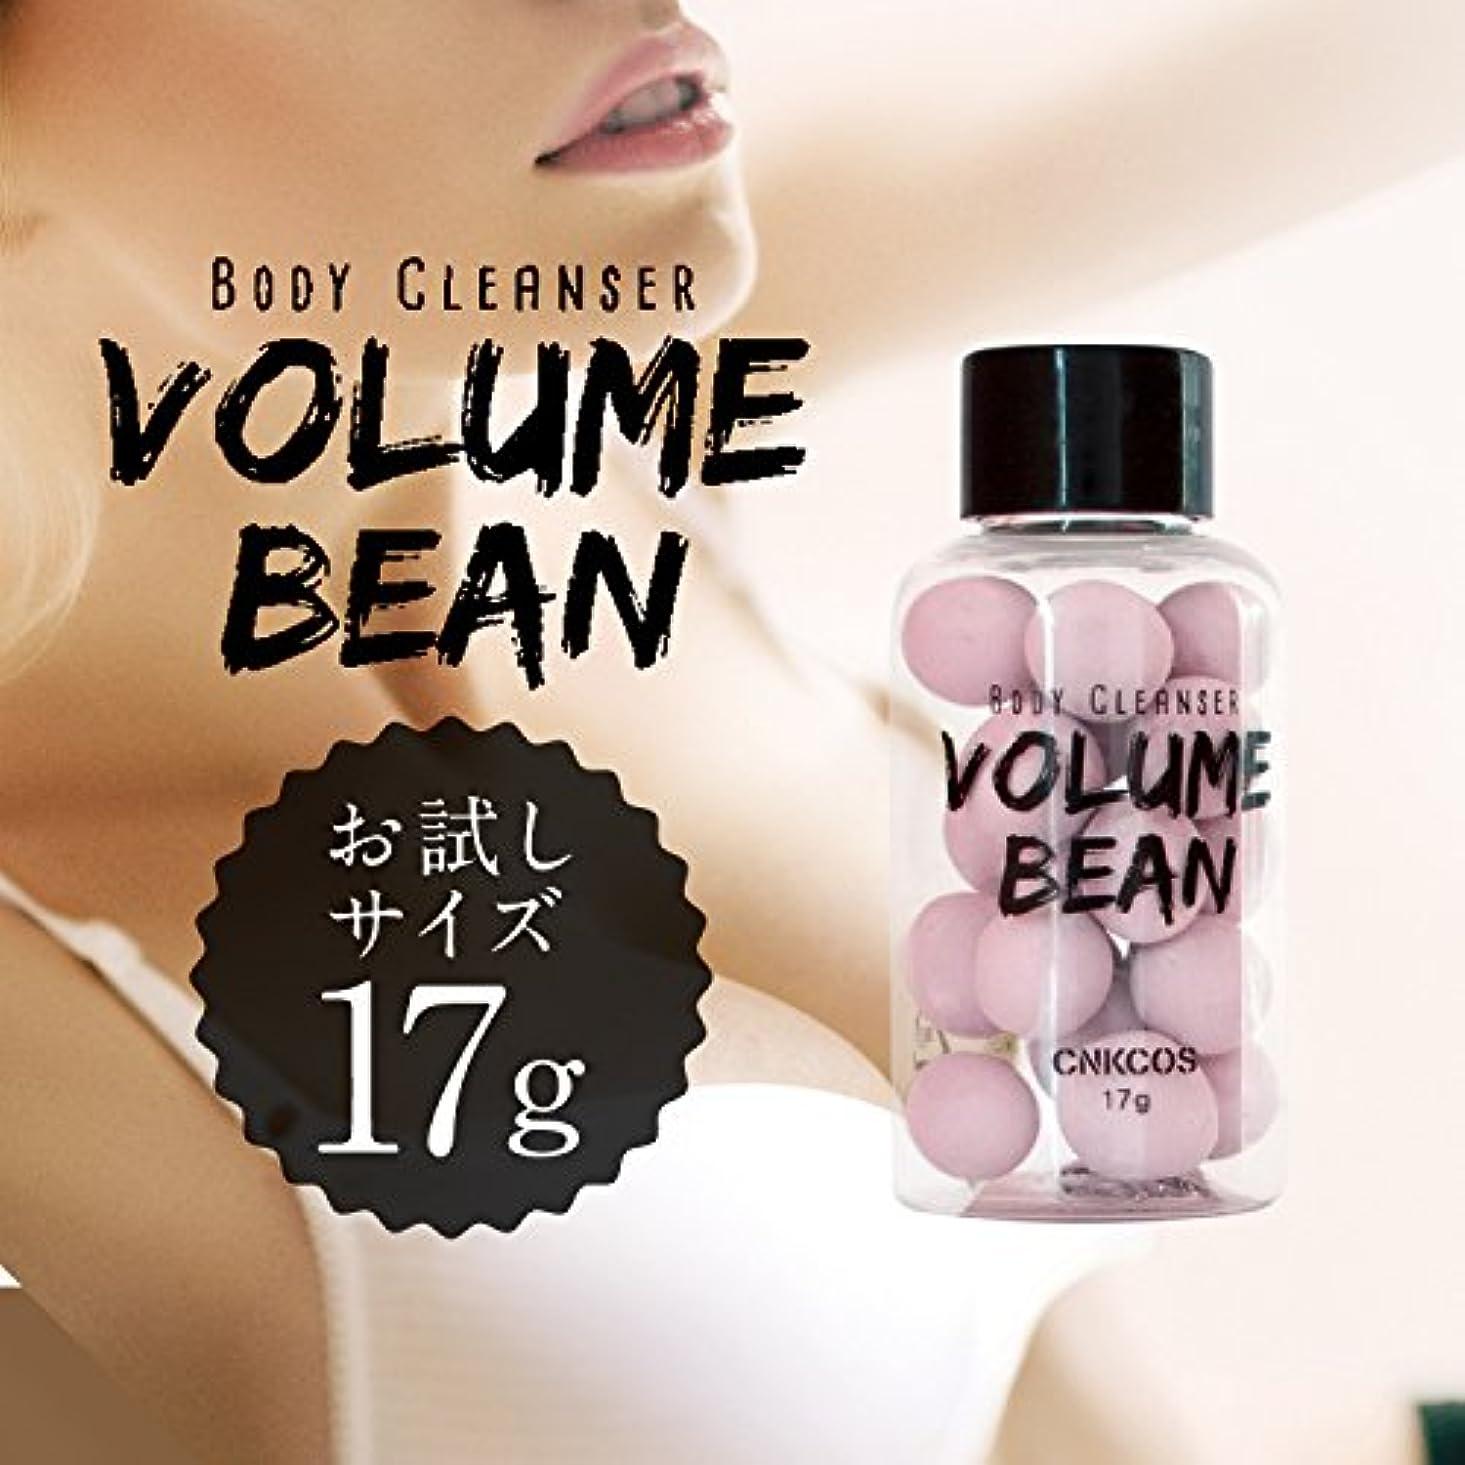 ビタミンホイール内部ボリュームビーン Volume Bean 17g